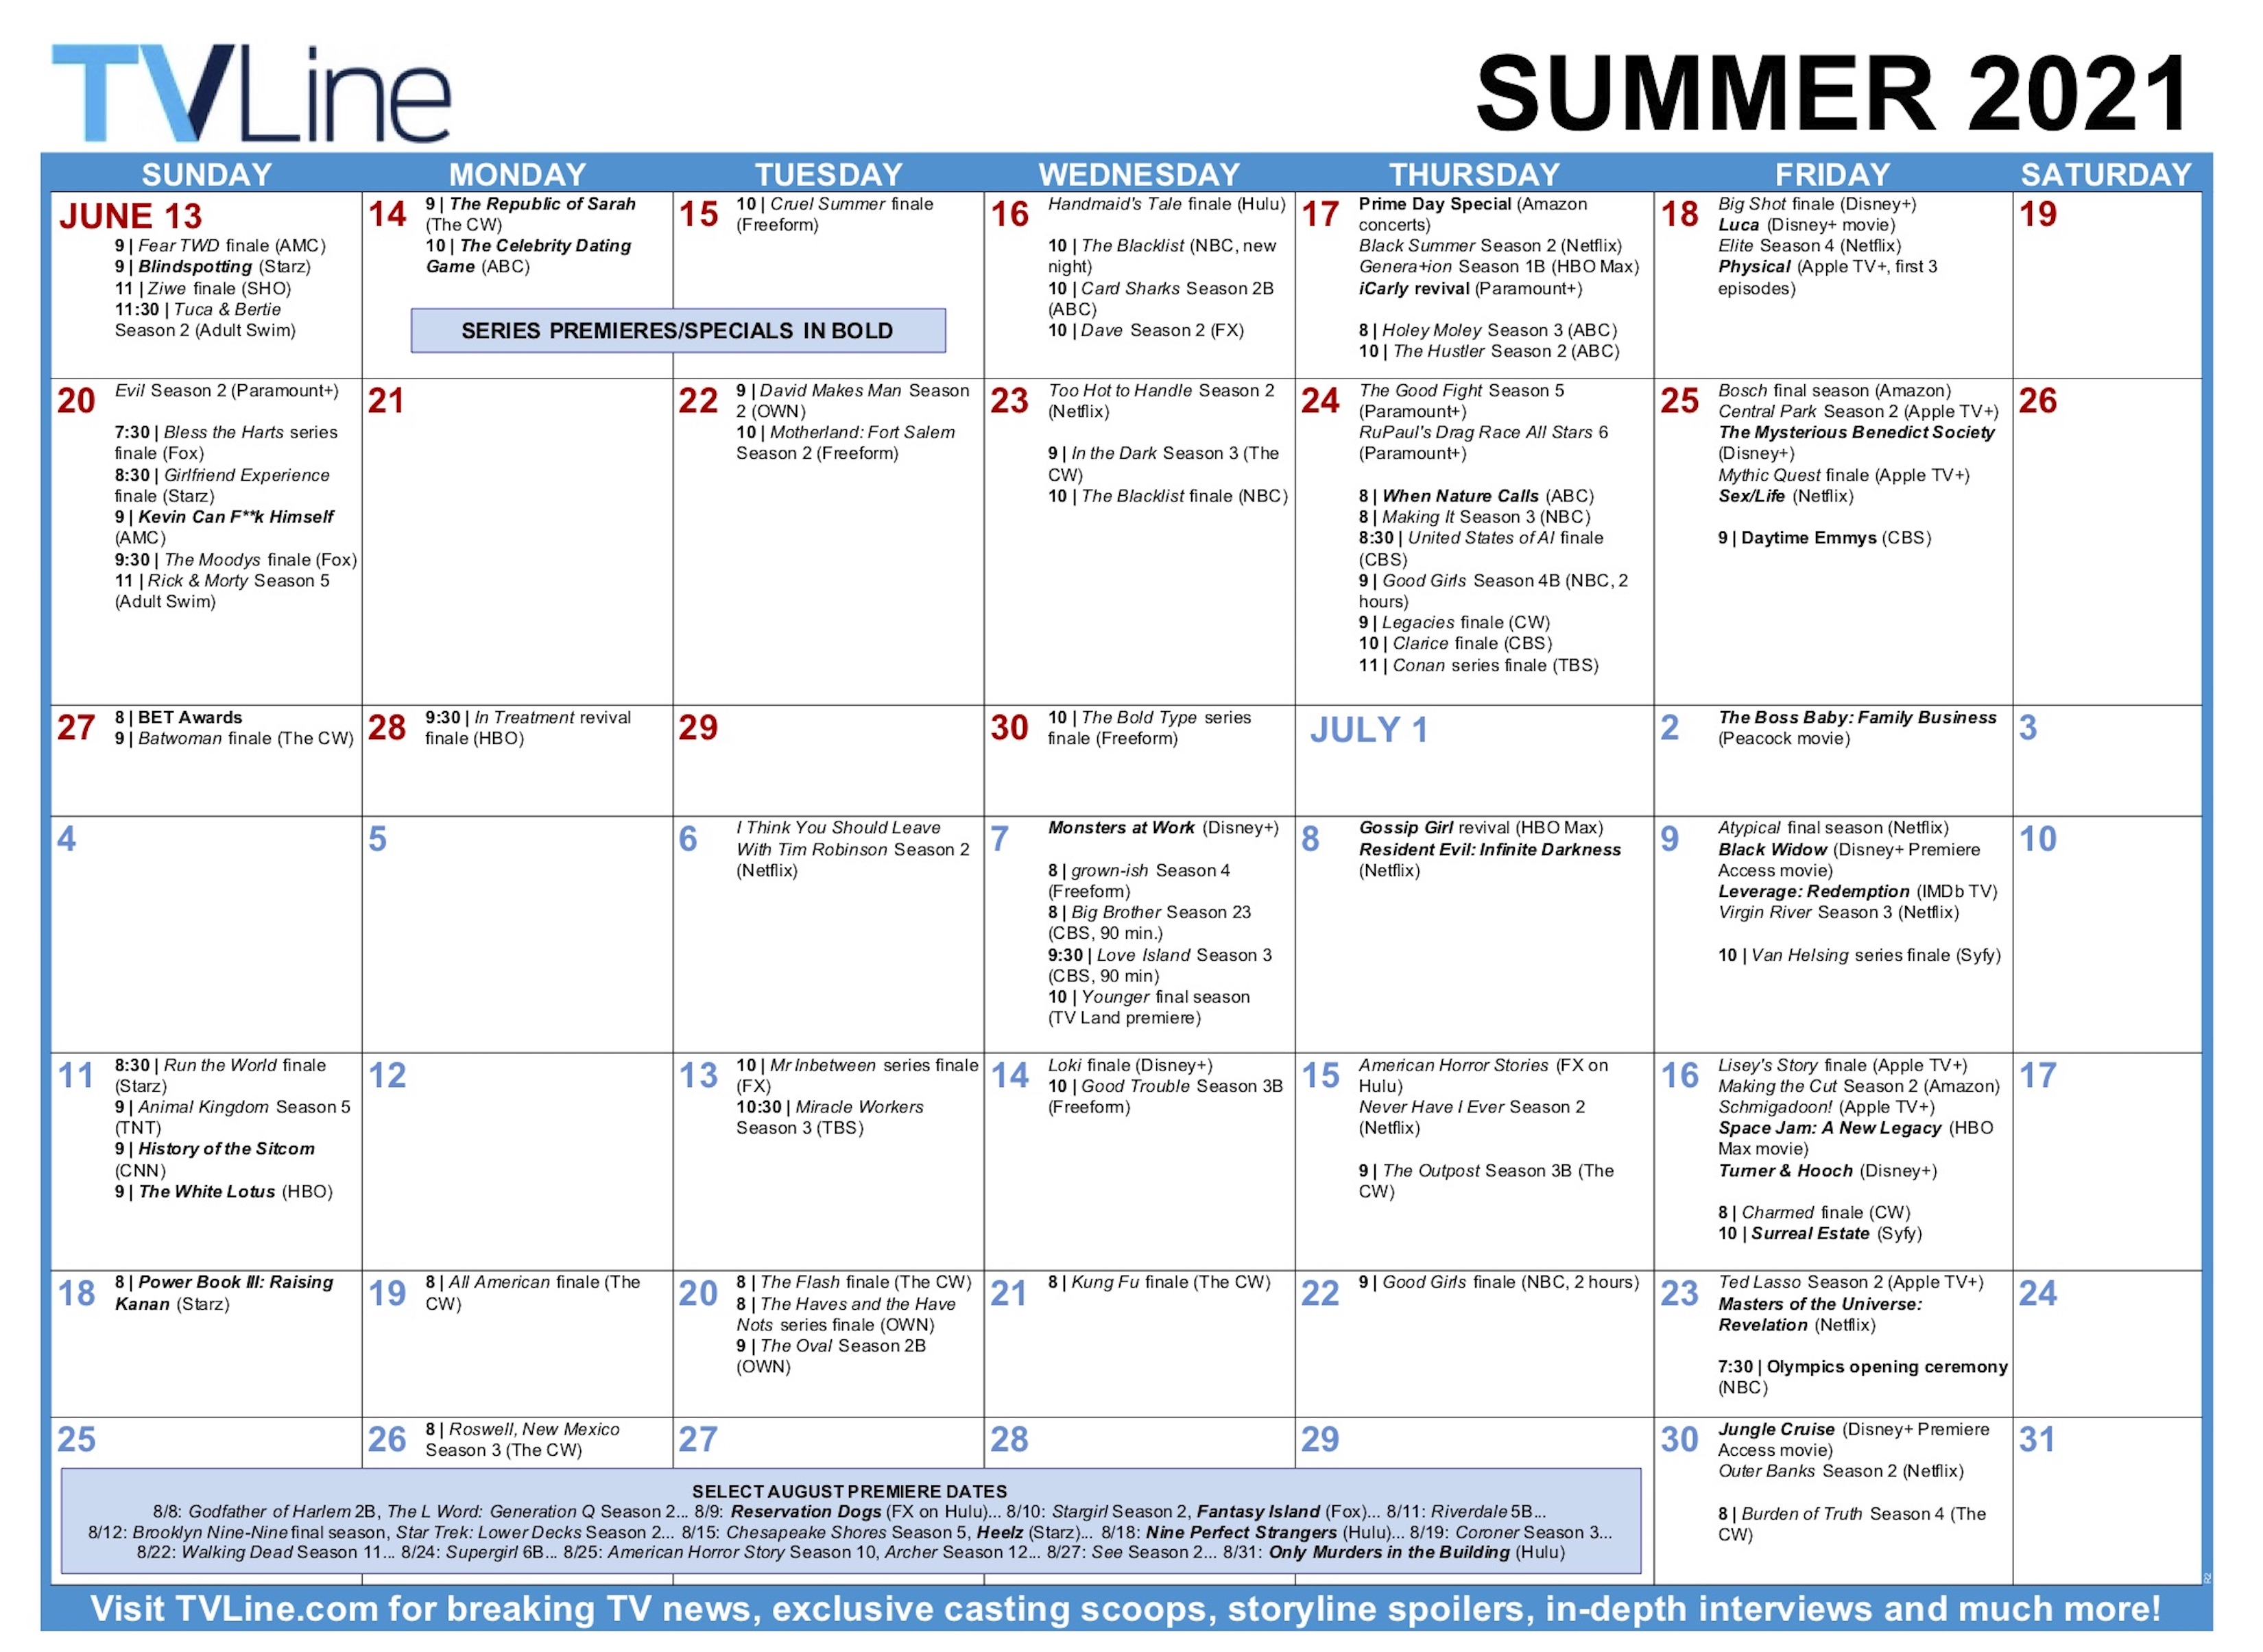 TV-schedule-summer-2021-calendar-r2.jpg